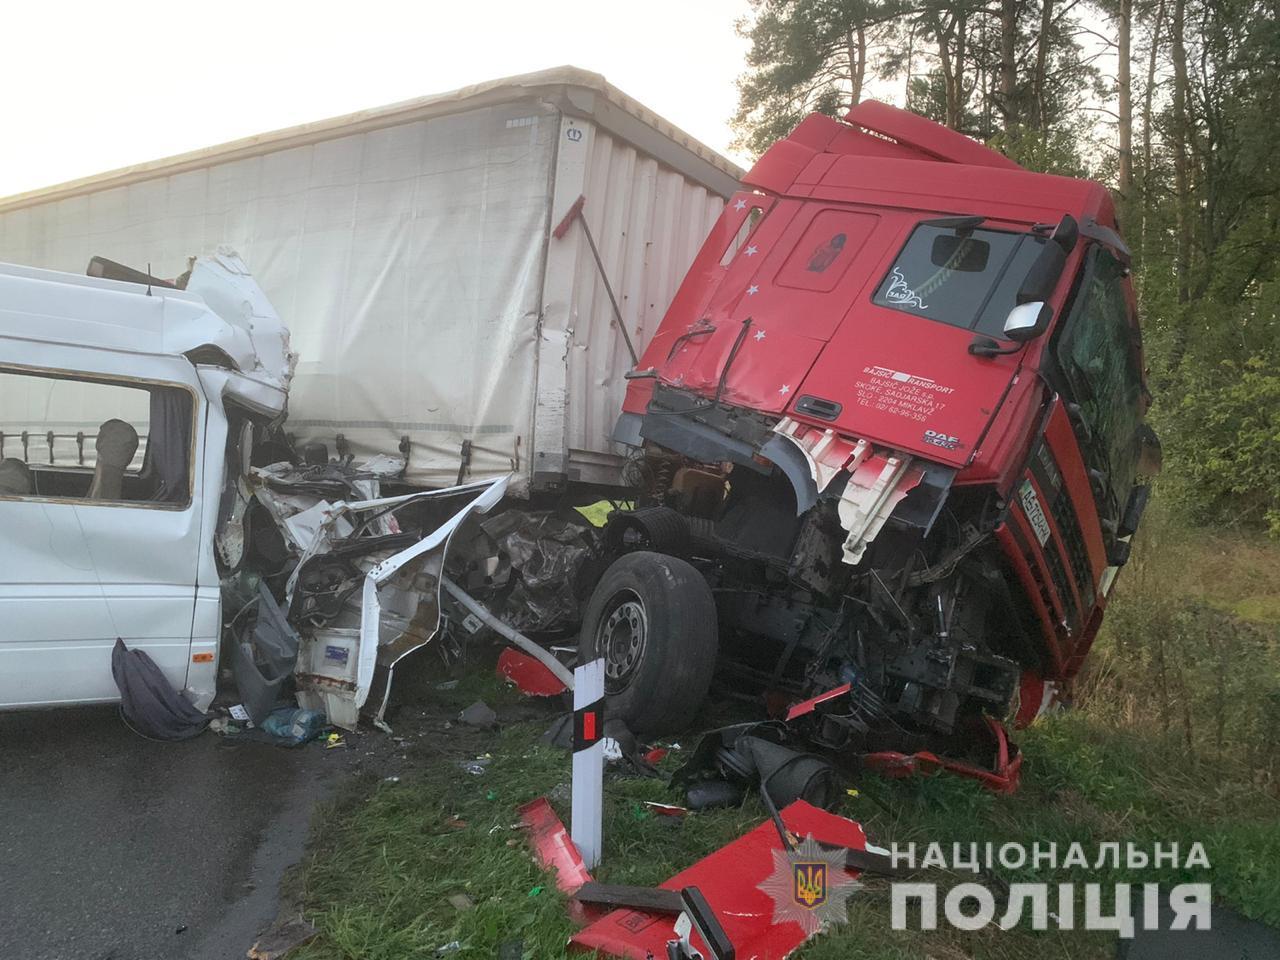 Подробности кровавого ДТП под Киевом: 21-летний водитель говорит, что у фуры отказали тормоза